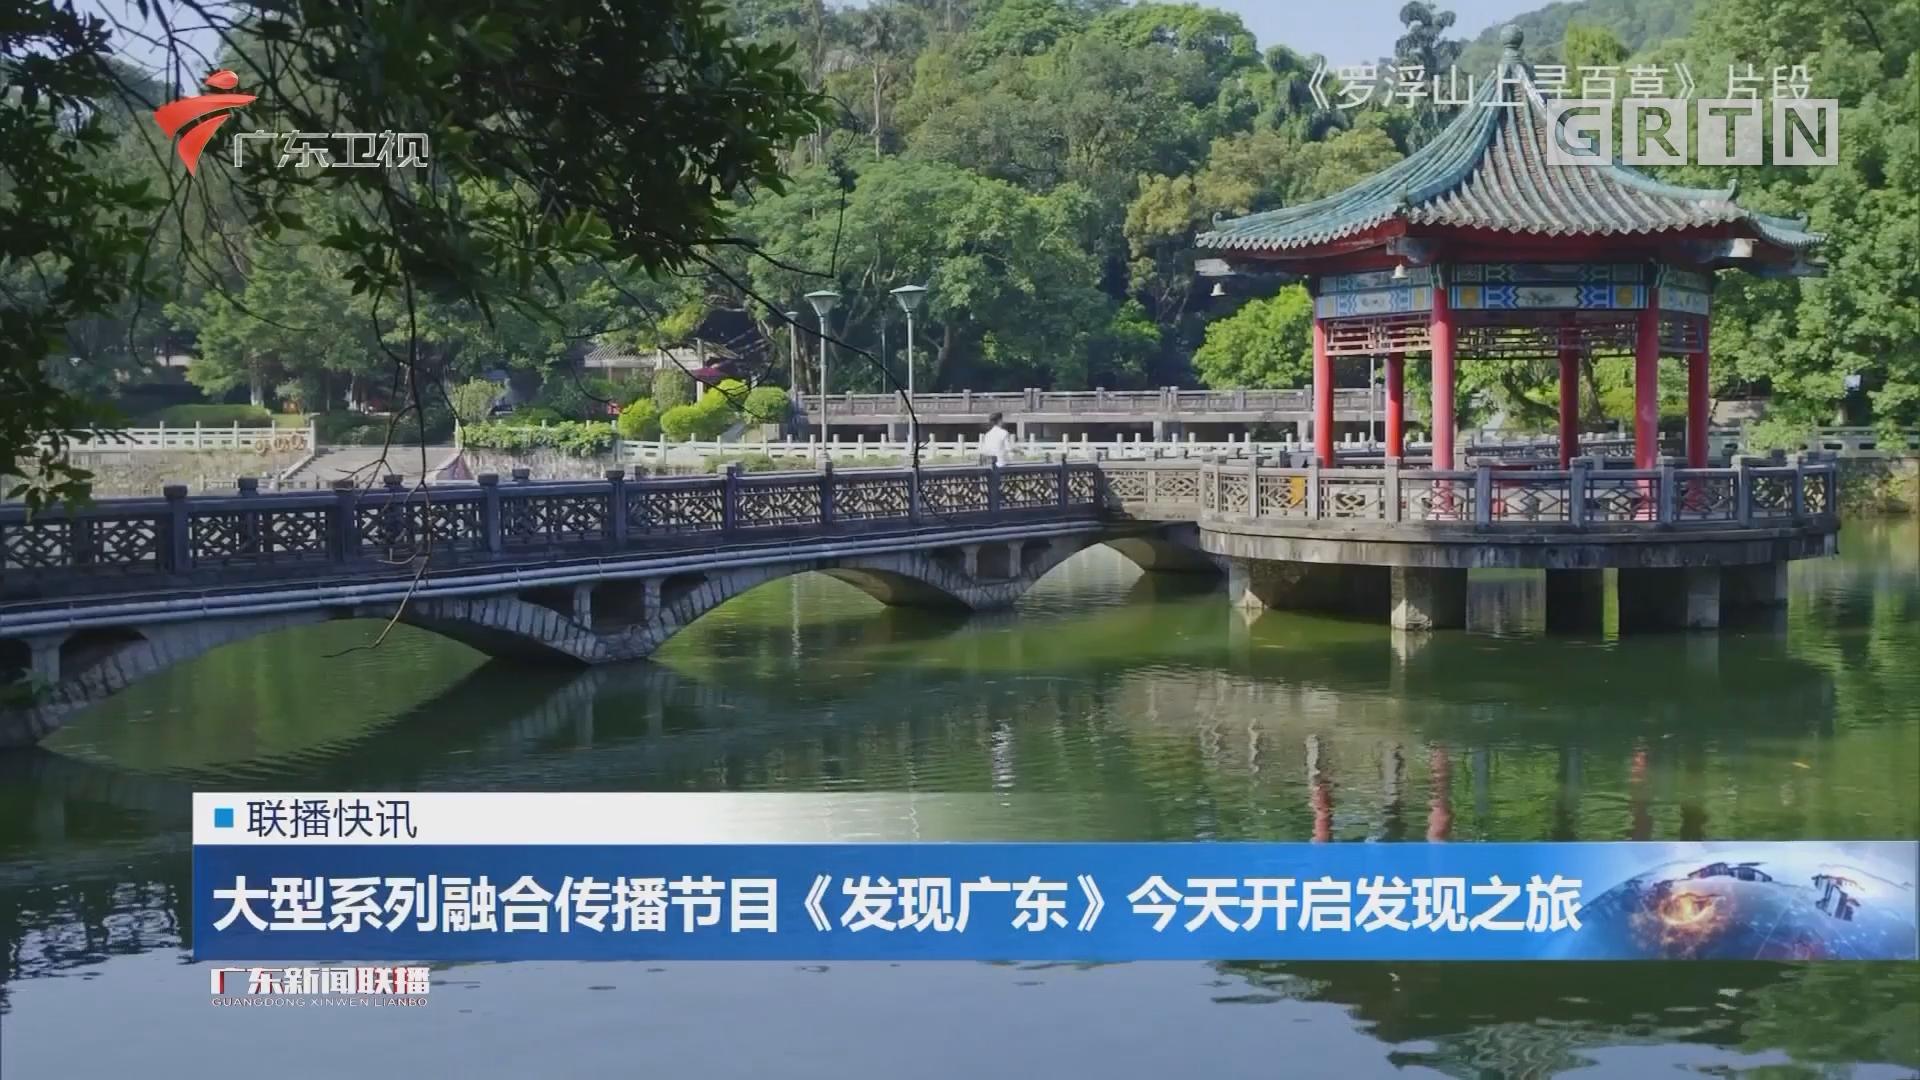 大型系列融合传播节目《发现广东》今天开启发现之旅